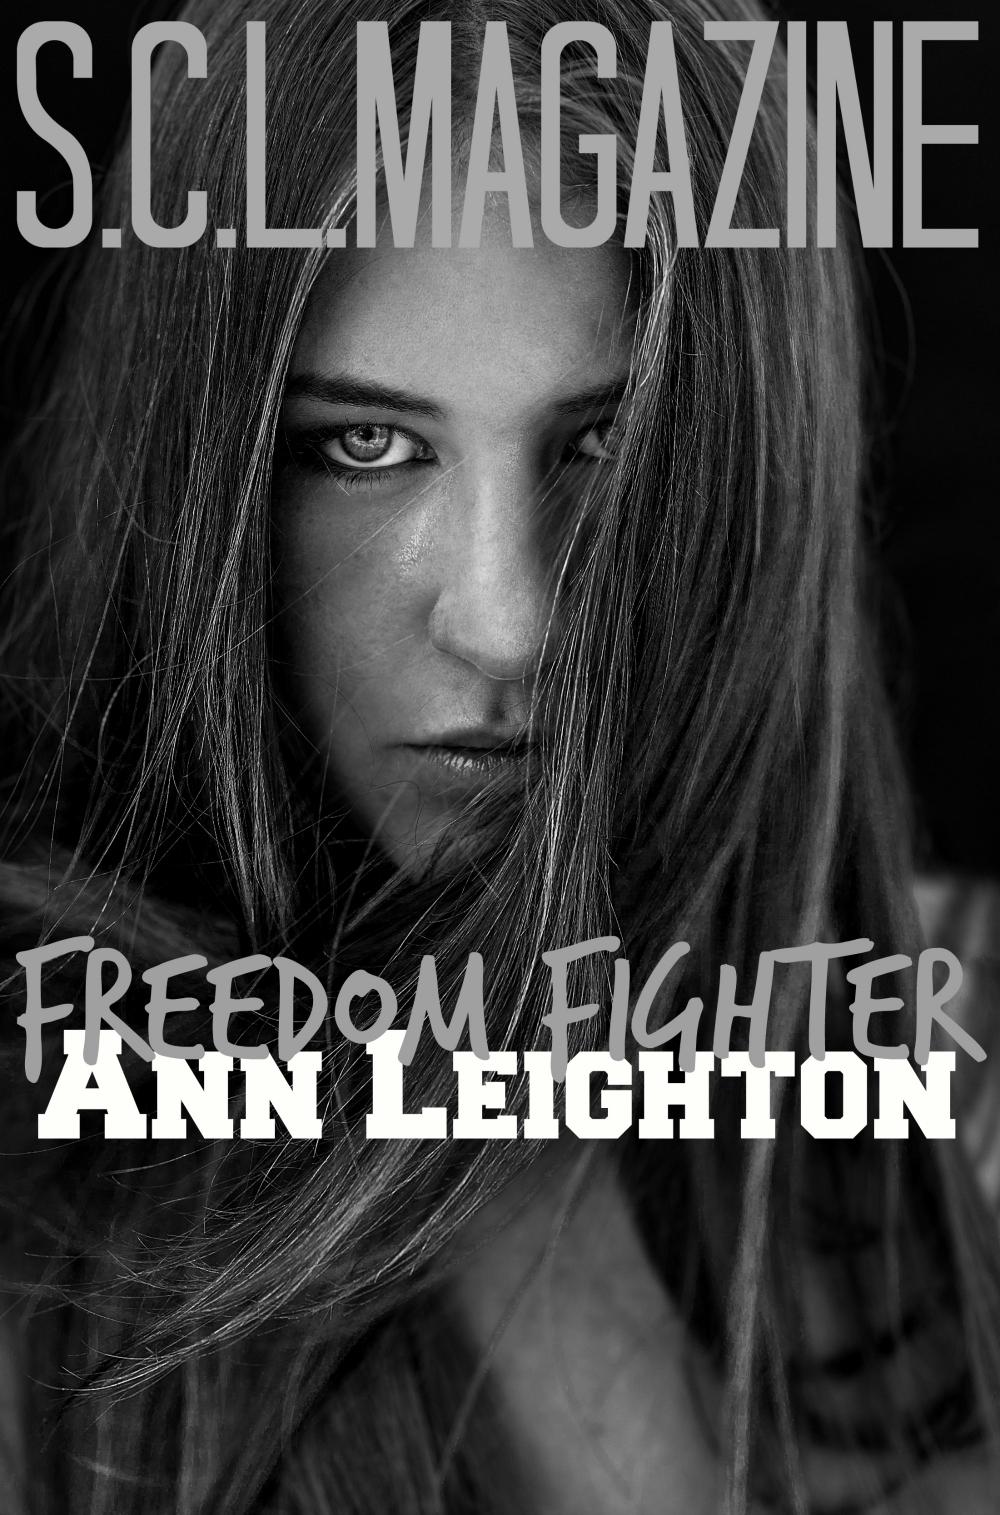 Ann Leighton SCL Cover 2.5